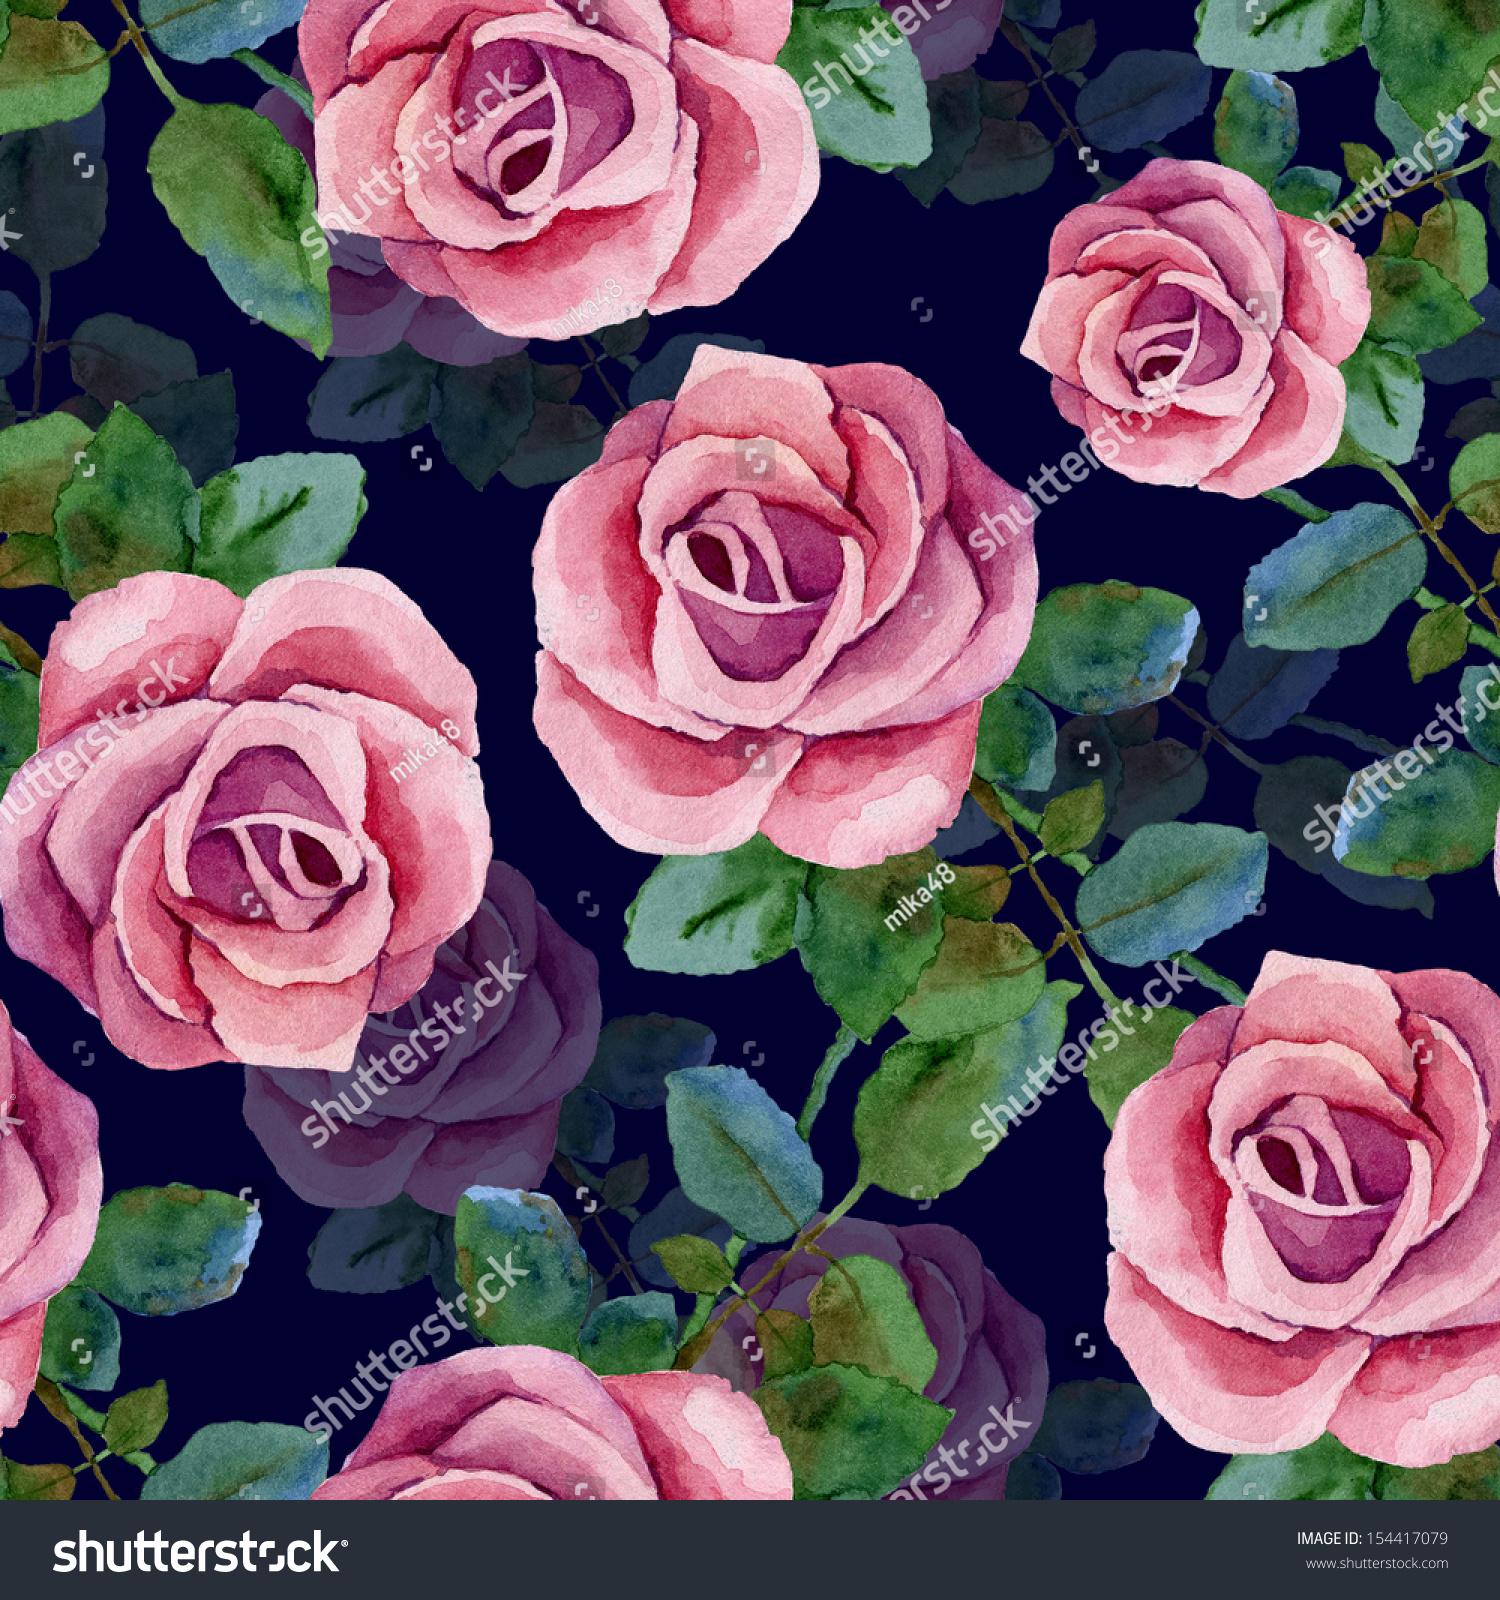 dark blue seamless background pink roses stock illustration 154417079 shutterstock. Black Bedroom Furniture Sets. Home Design Ideas